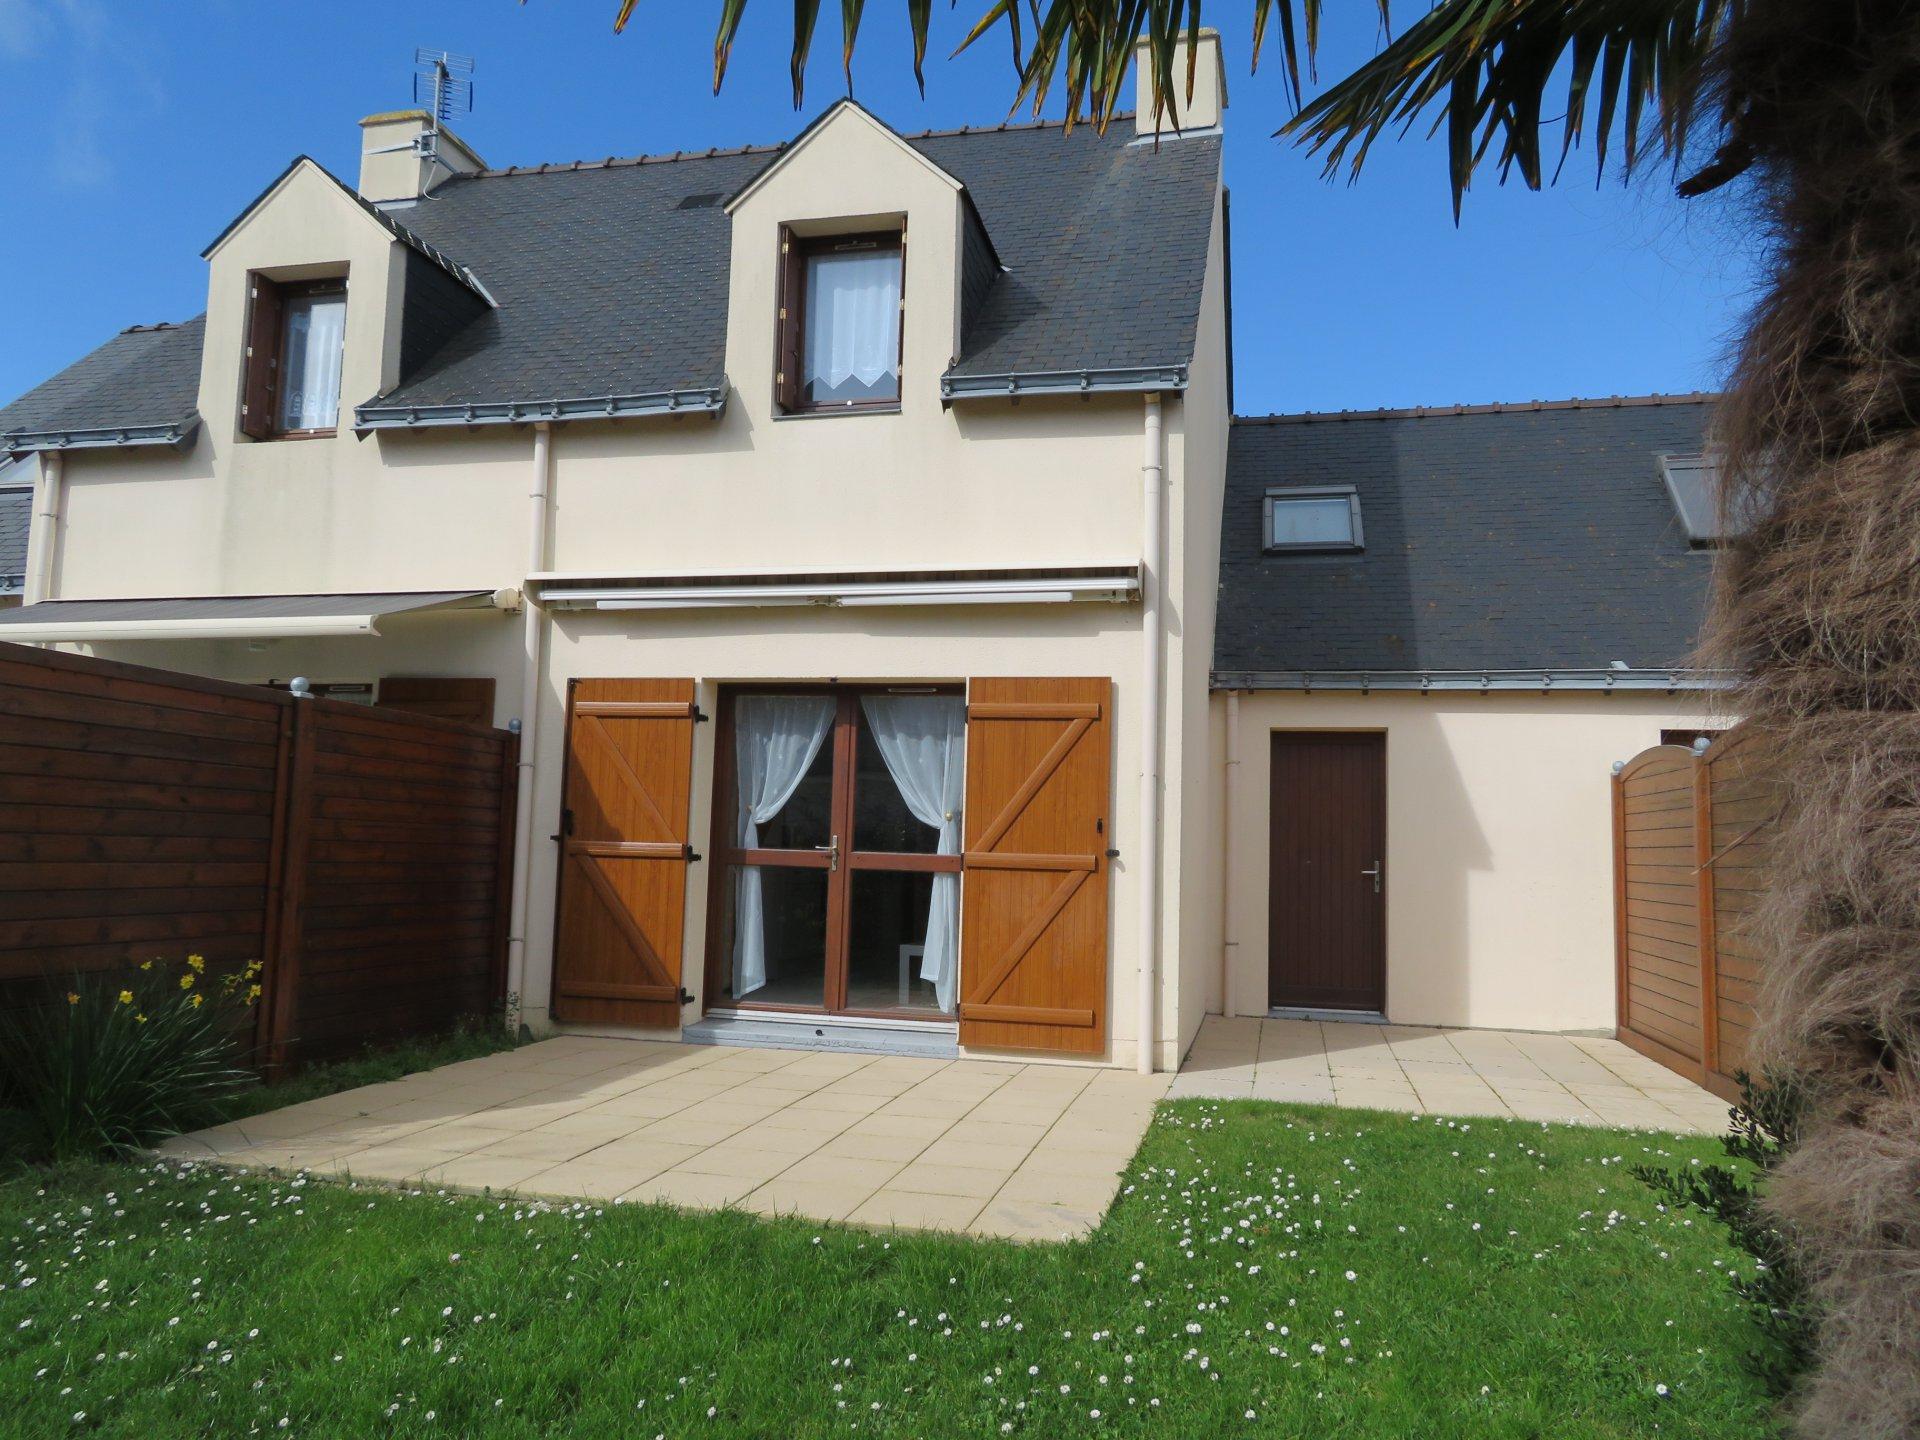 Maison à louer à Damgan  Maison pour 4 personnes à 100m de la mer